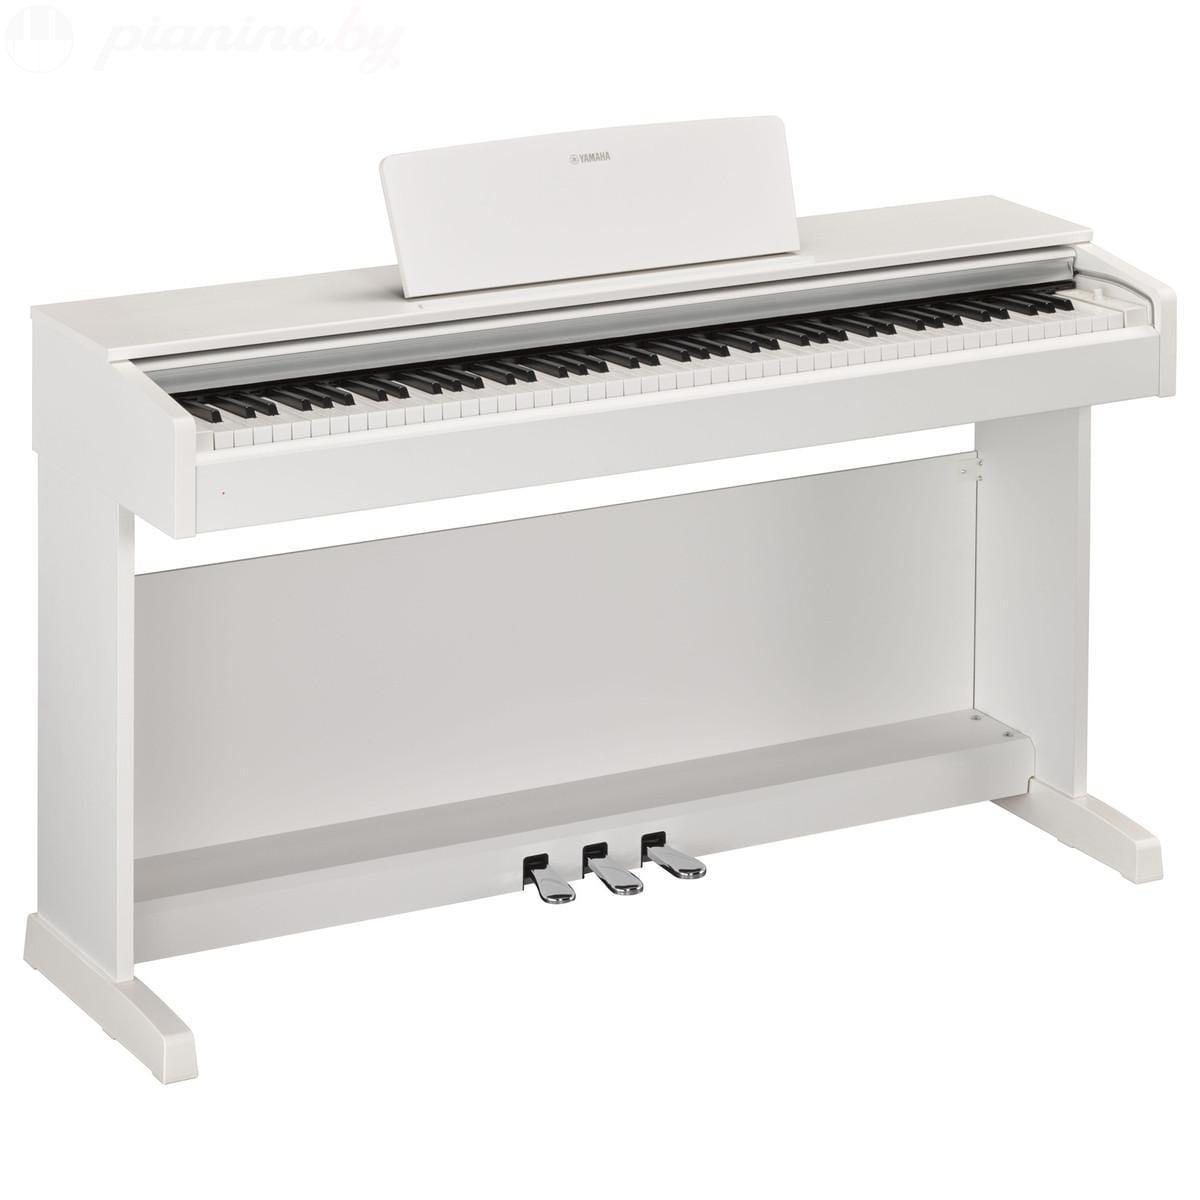 Цифровое пианино Yamaha Arius YDP-143 White Фото 1